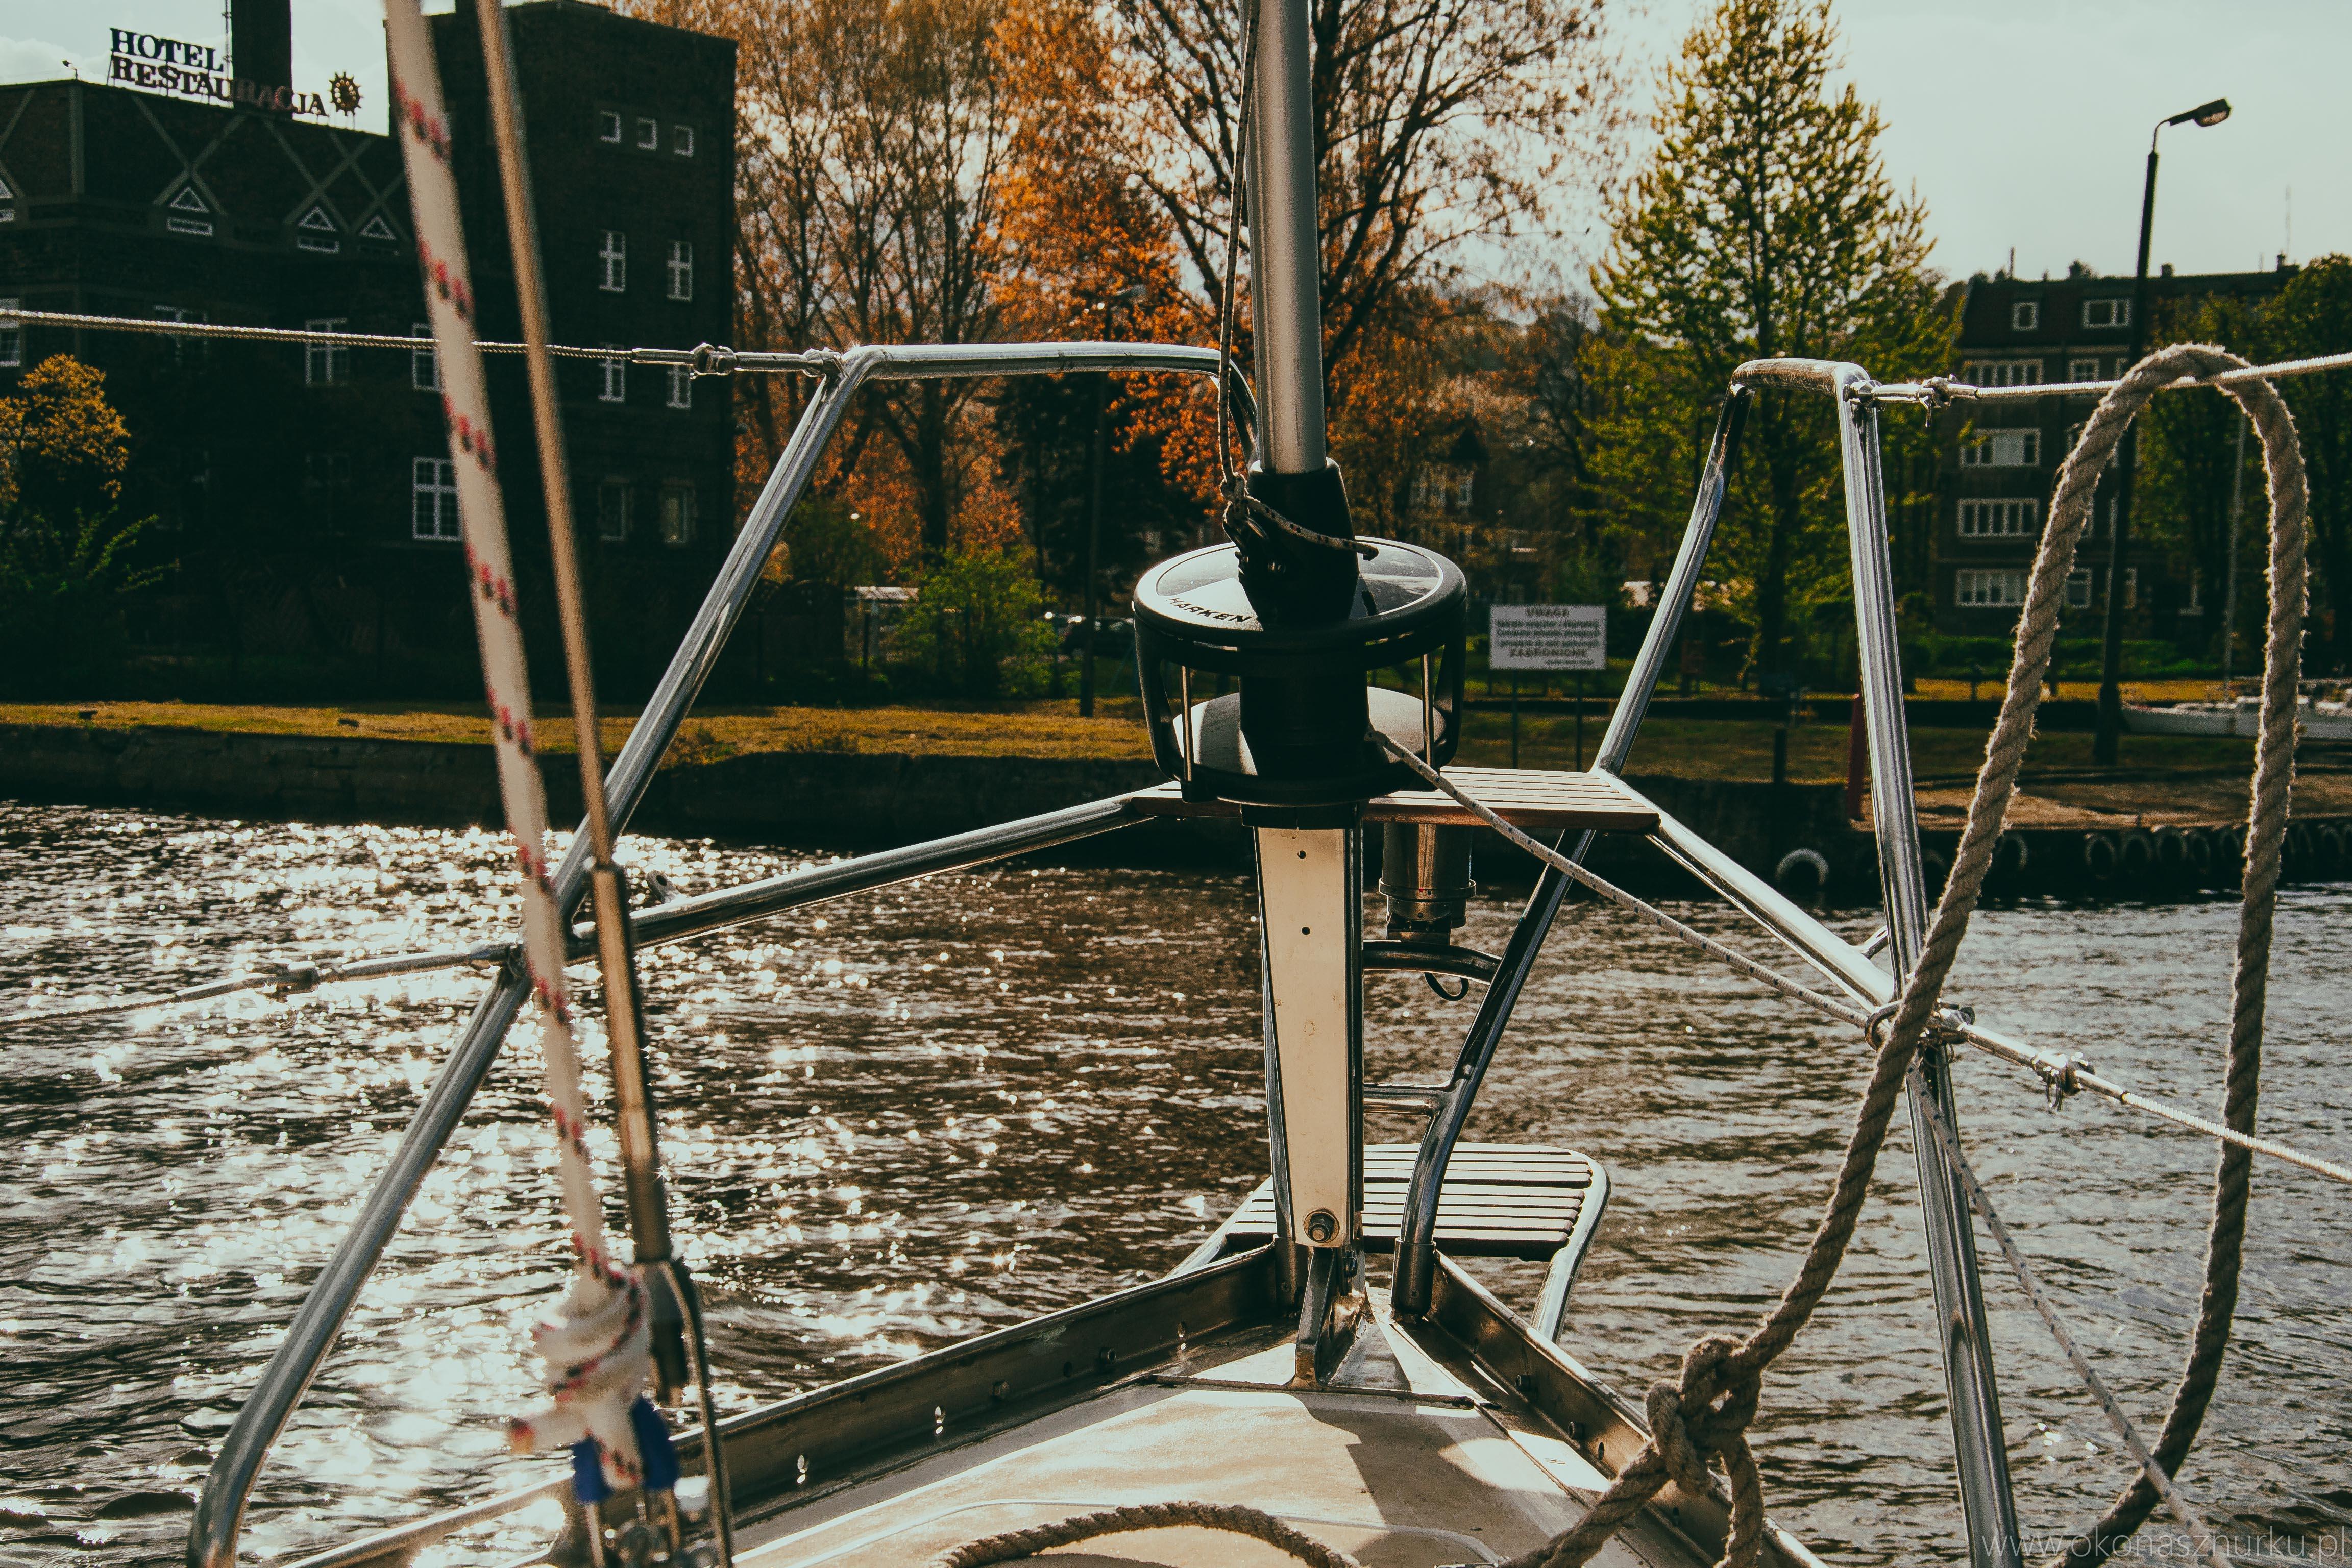 marina-jacht-wyprawy-morskie-silesia-szczecin-goclaw-lubczyna (76)